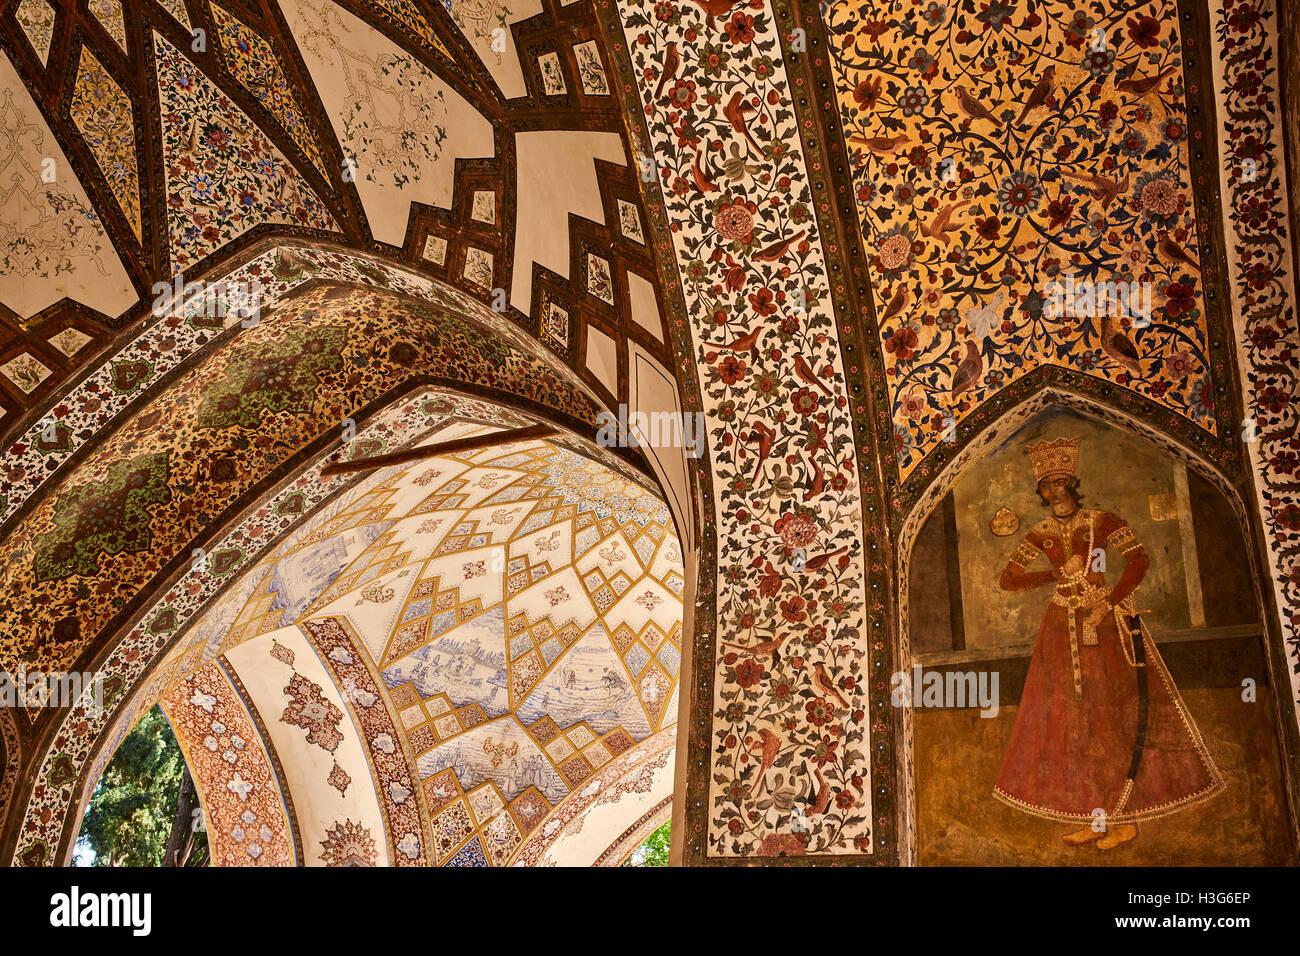 Persian Garden Painting Stock Photos & Persian Garden Painting Stock ...